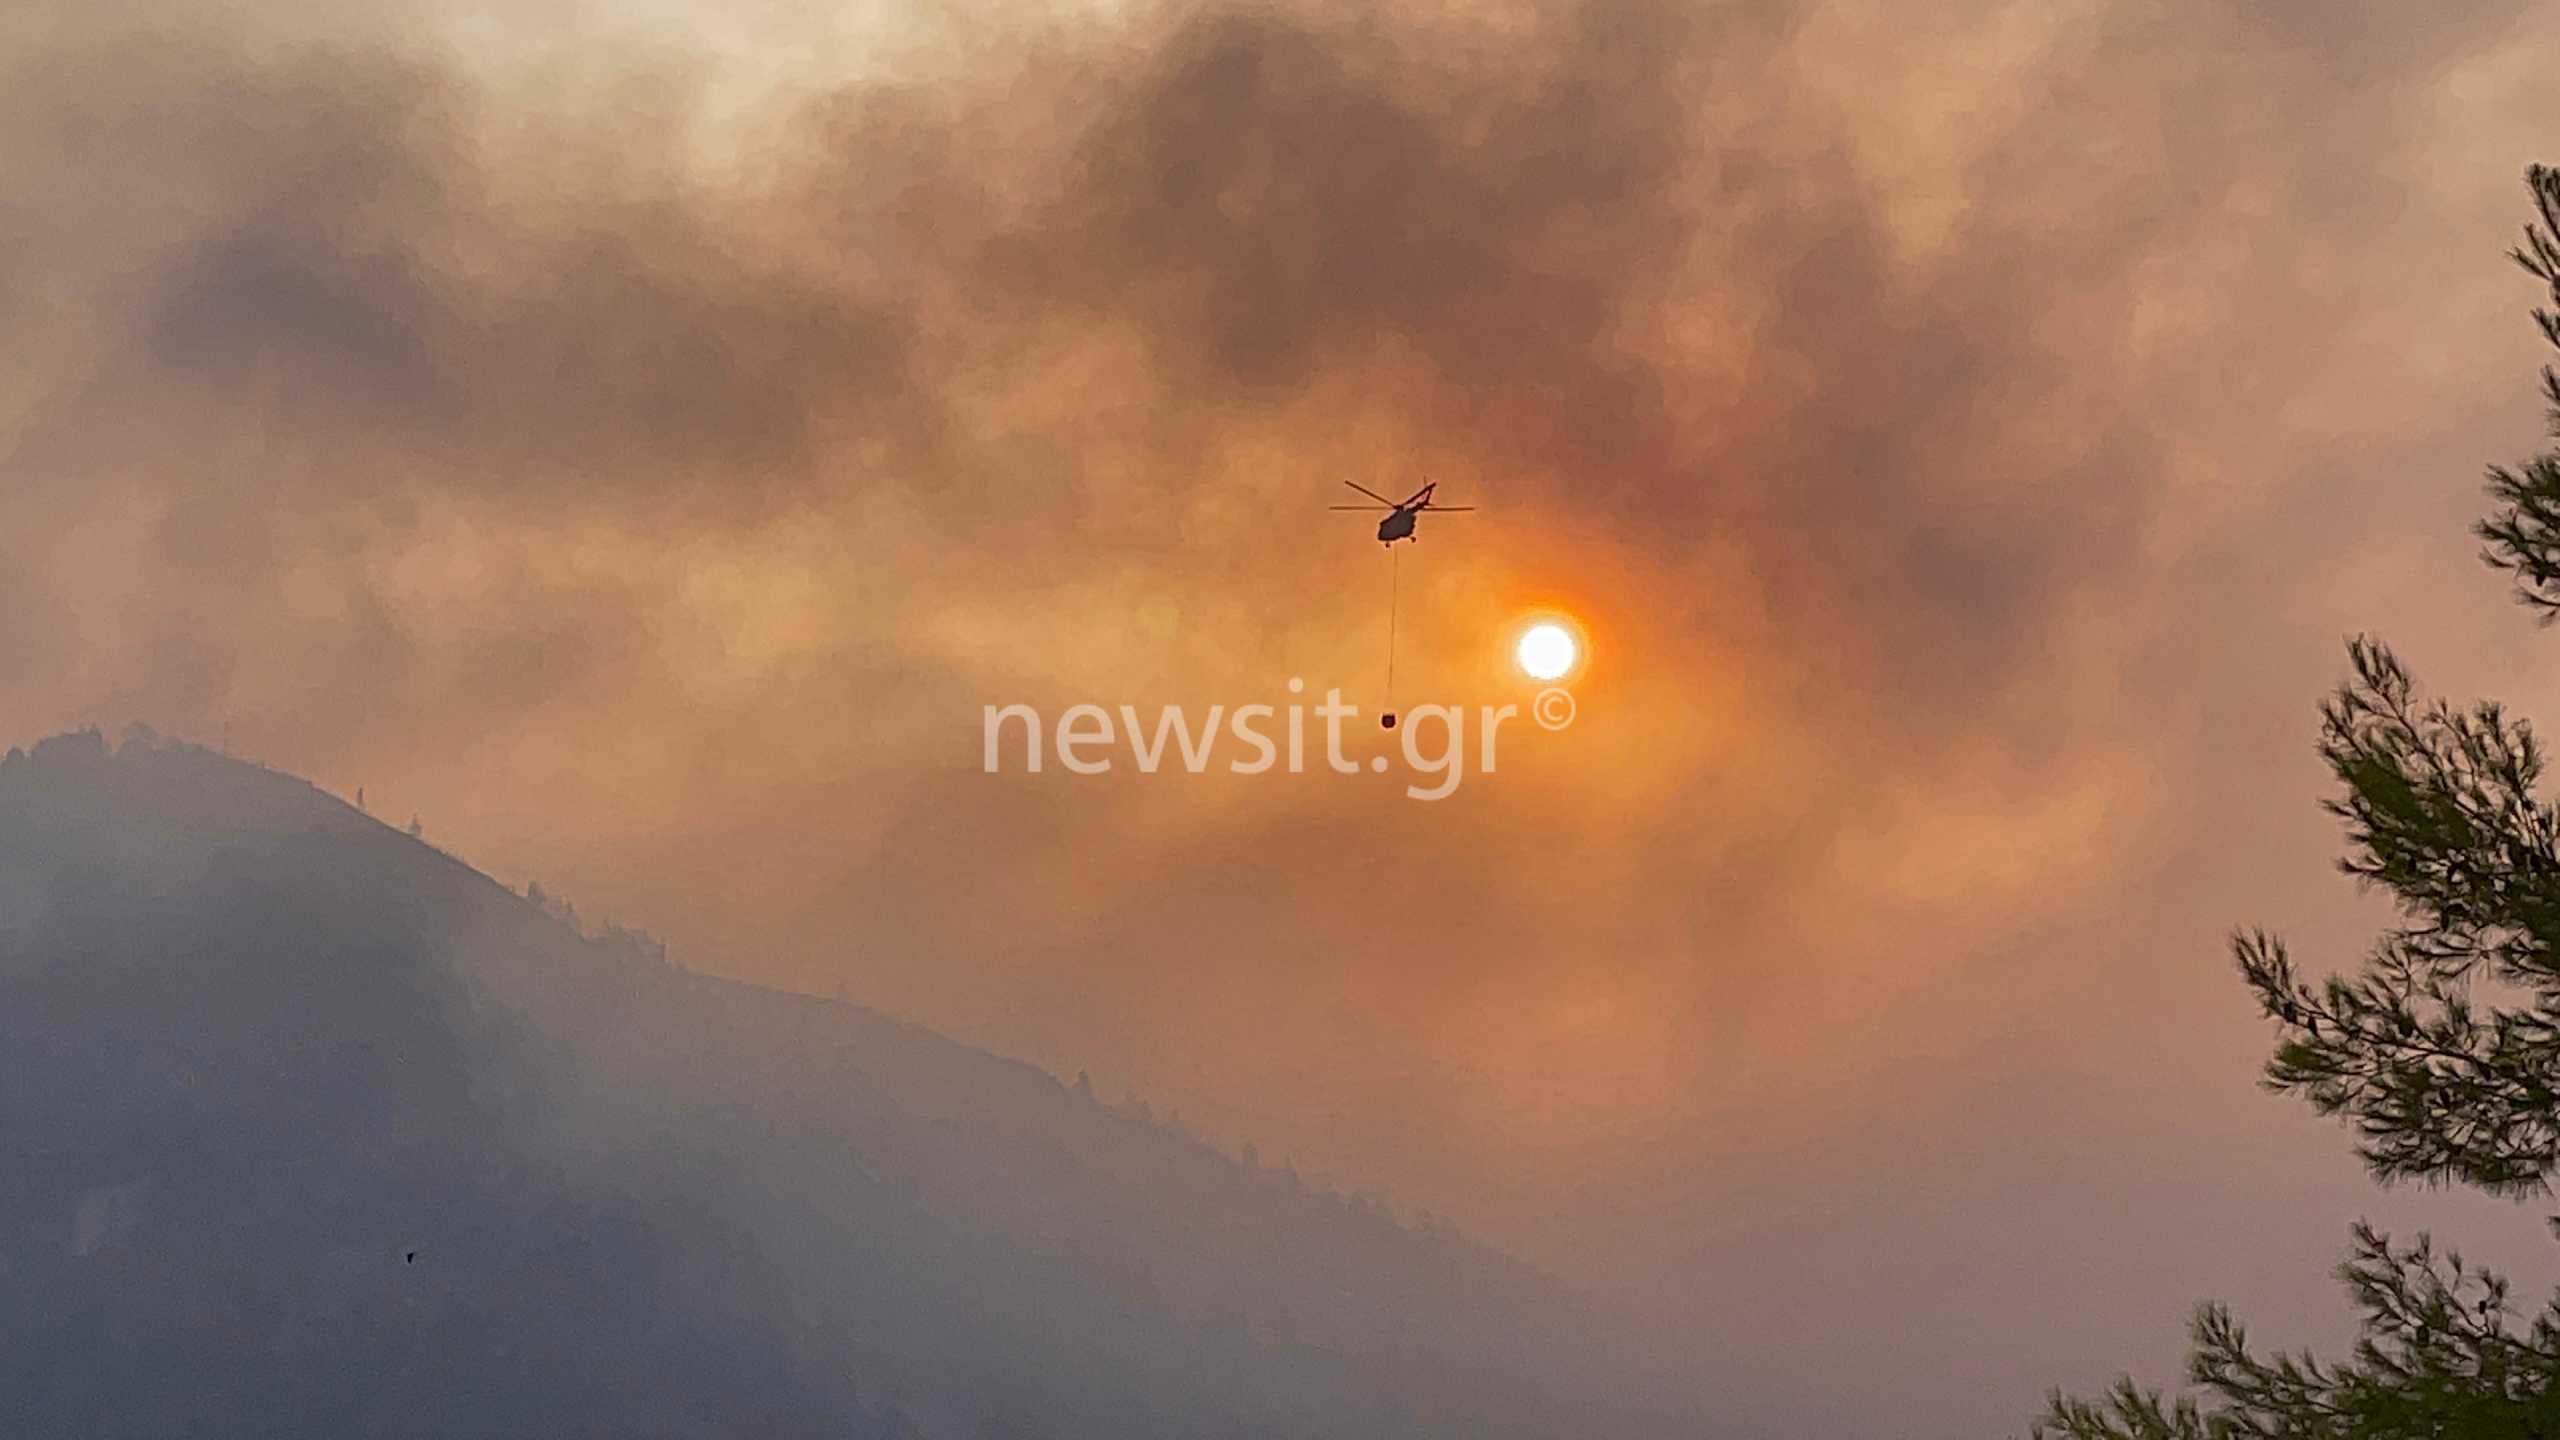 Φωτιές στην Ελλάδα: Εκατοντάδες ώρες πτήσης για τα πυροσβεστικά αεροσκάφη σε μόλις πέντε μέρες